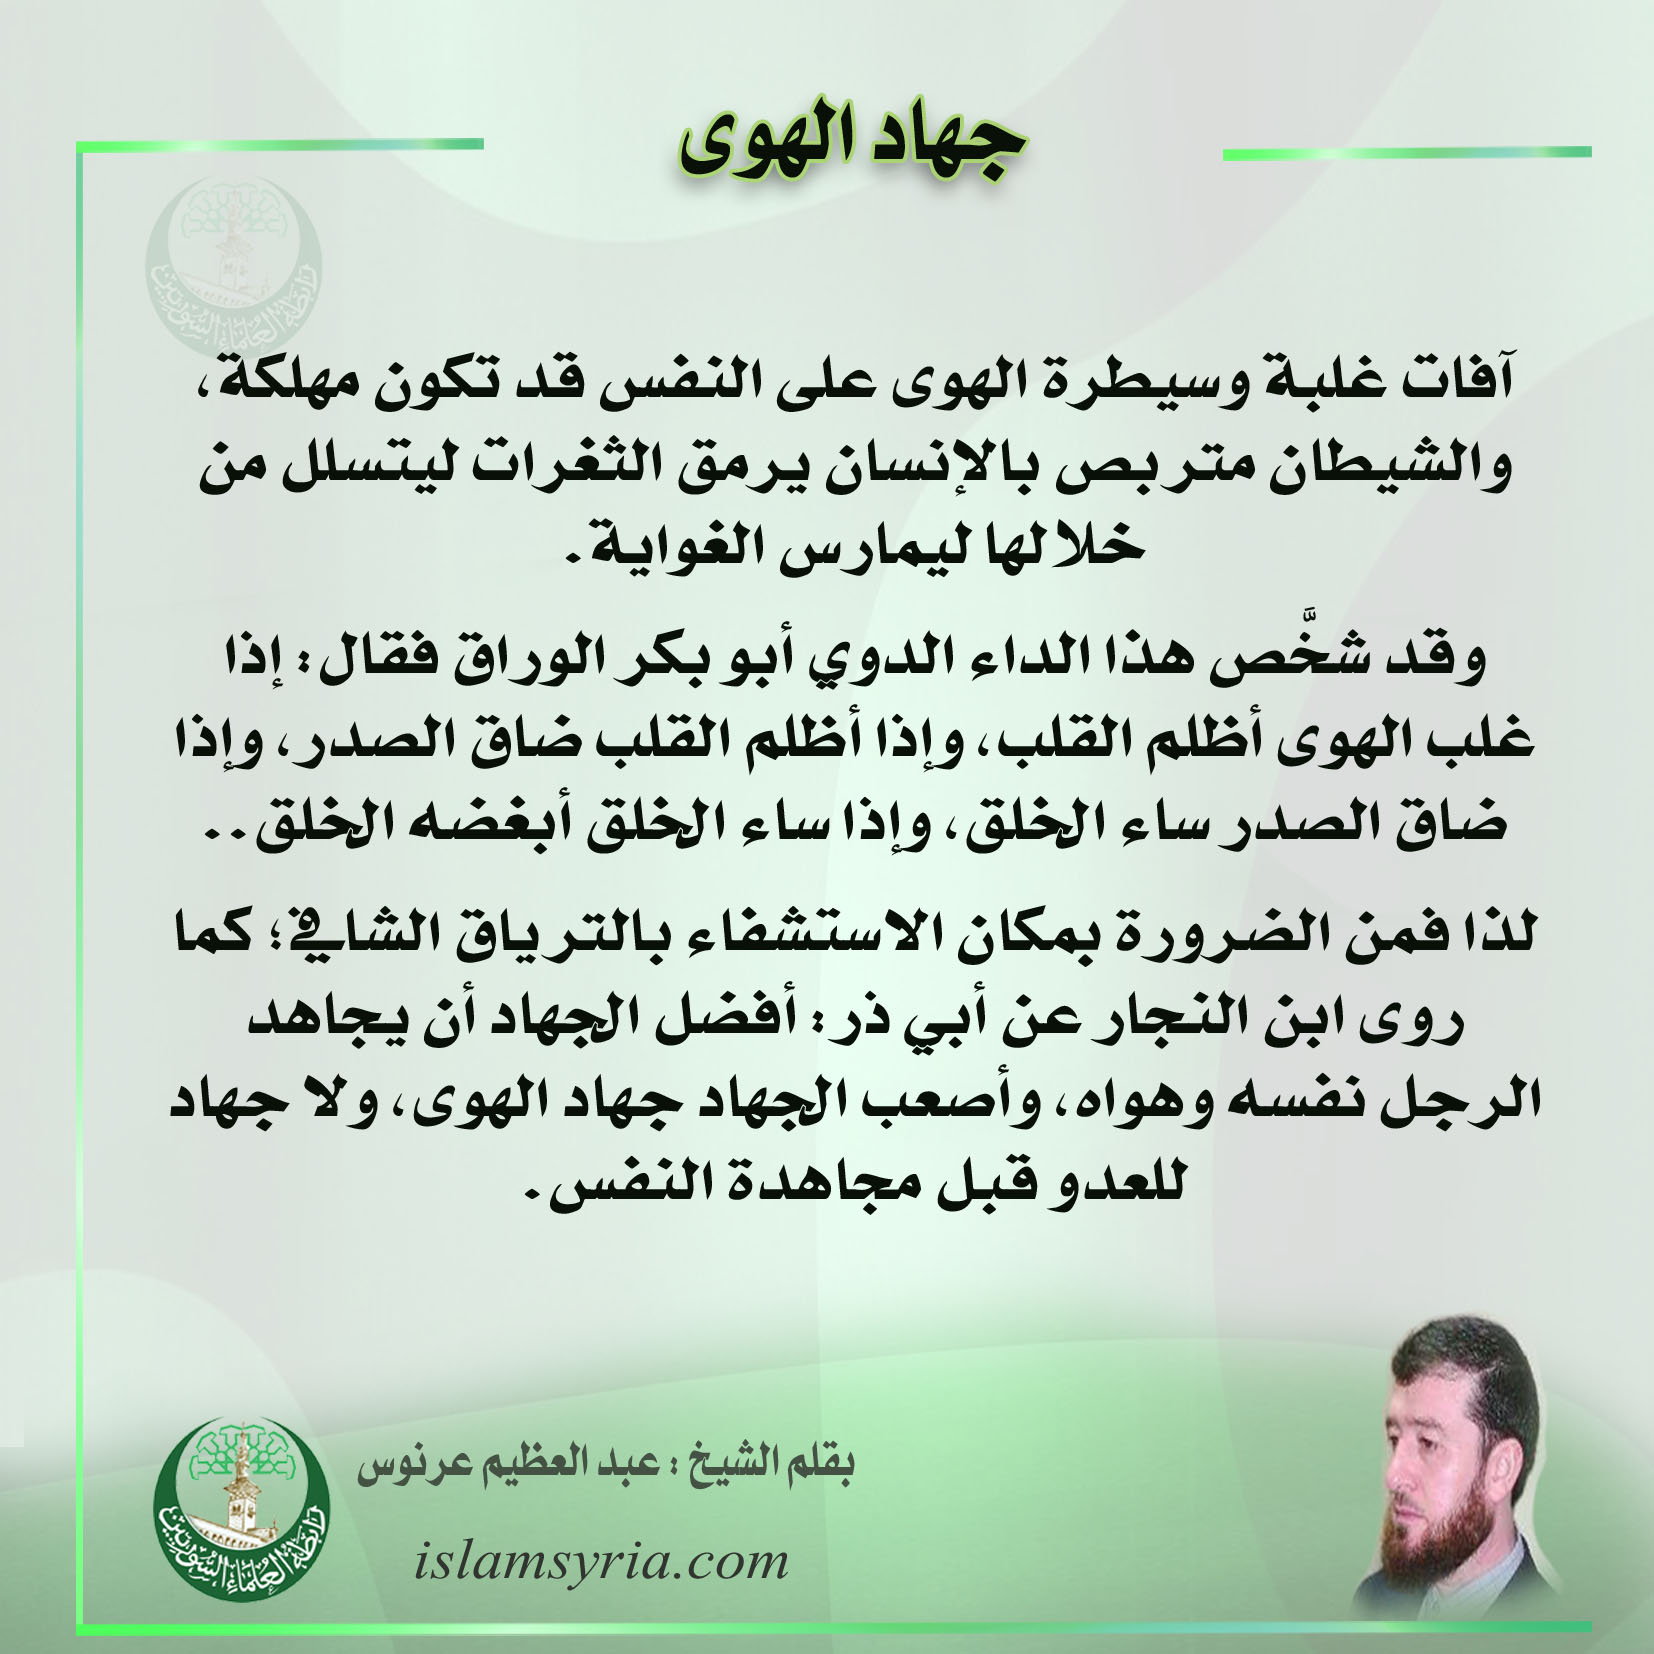 جهاد الهوى||الشيخ عبد العظيم عرنوس